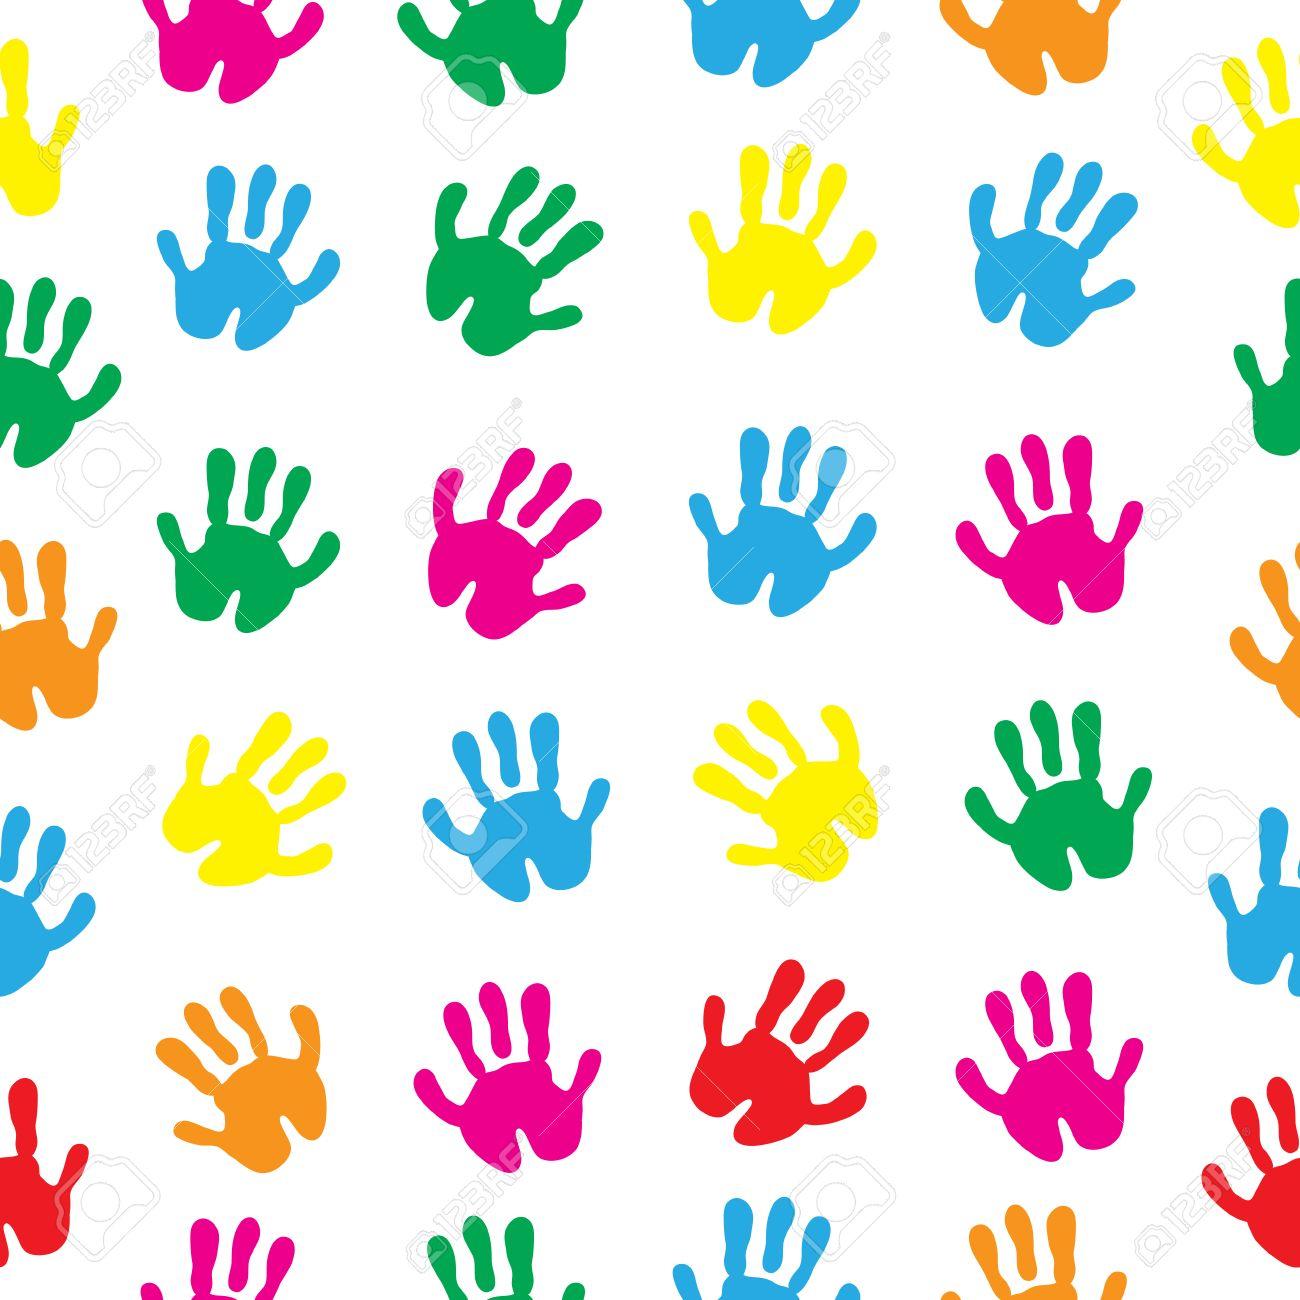 79e3b36148 Le mani dei bambini, stampe a mano senza giunte. palme sfondo carta da  parati per bambini. illustrazione di vettore